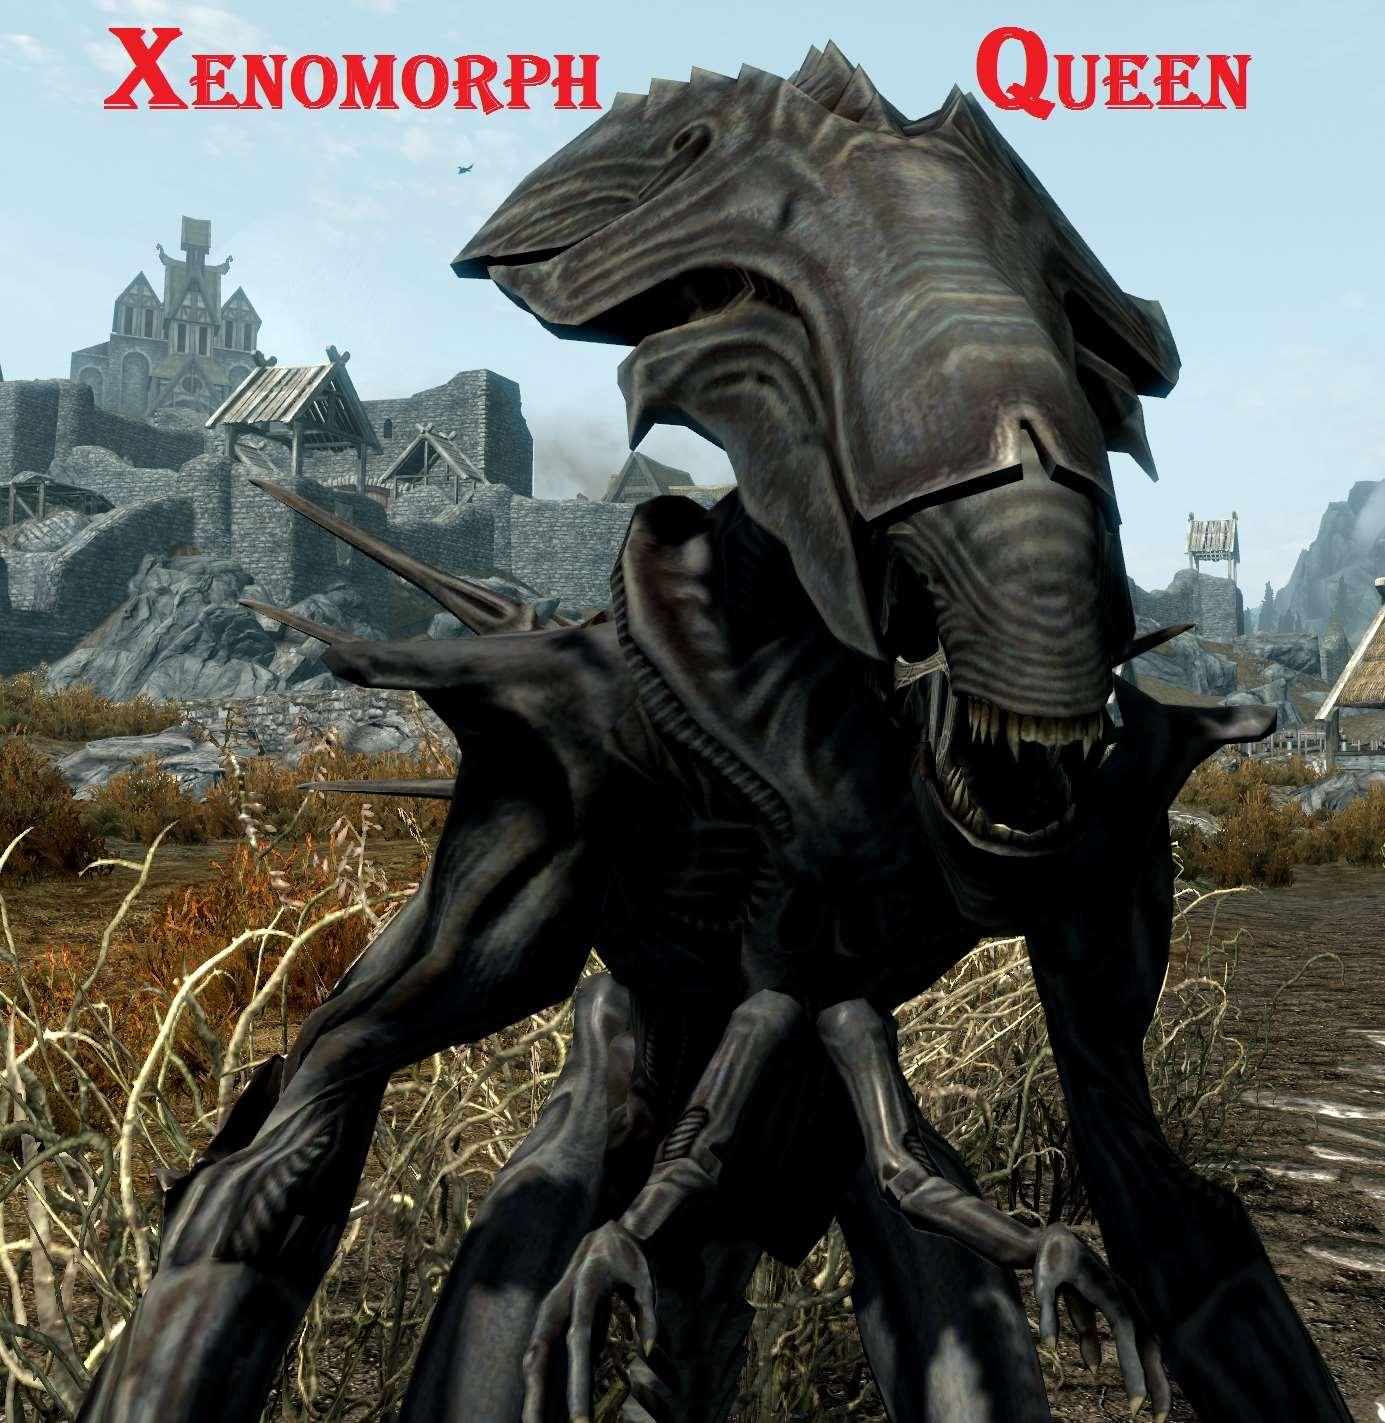 527889405_preview_xenomorph queen 5